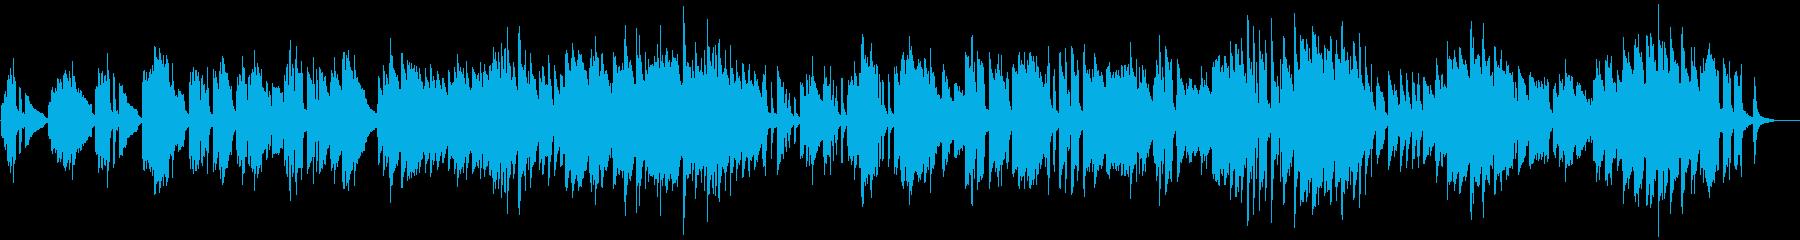 和風・わらべ唄・里山 懐しいピアノソロの再生済みの波形